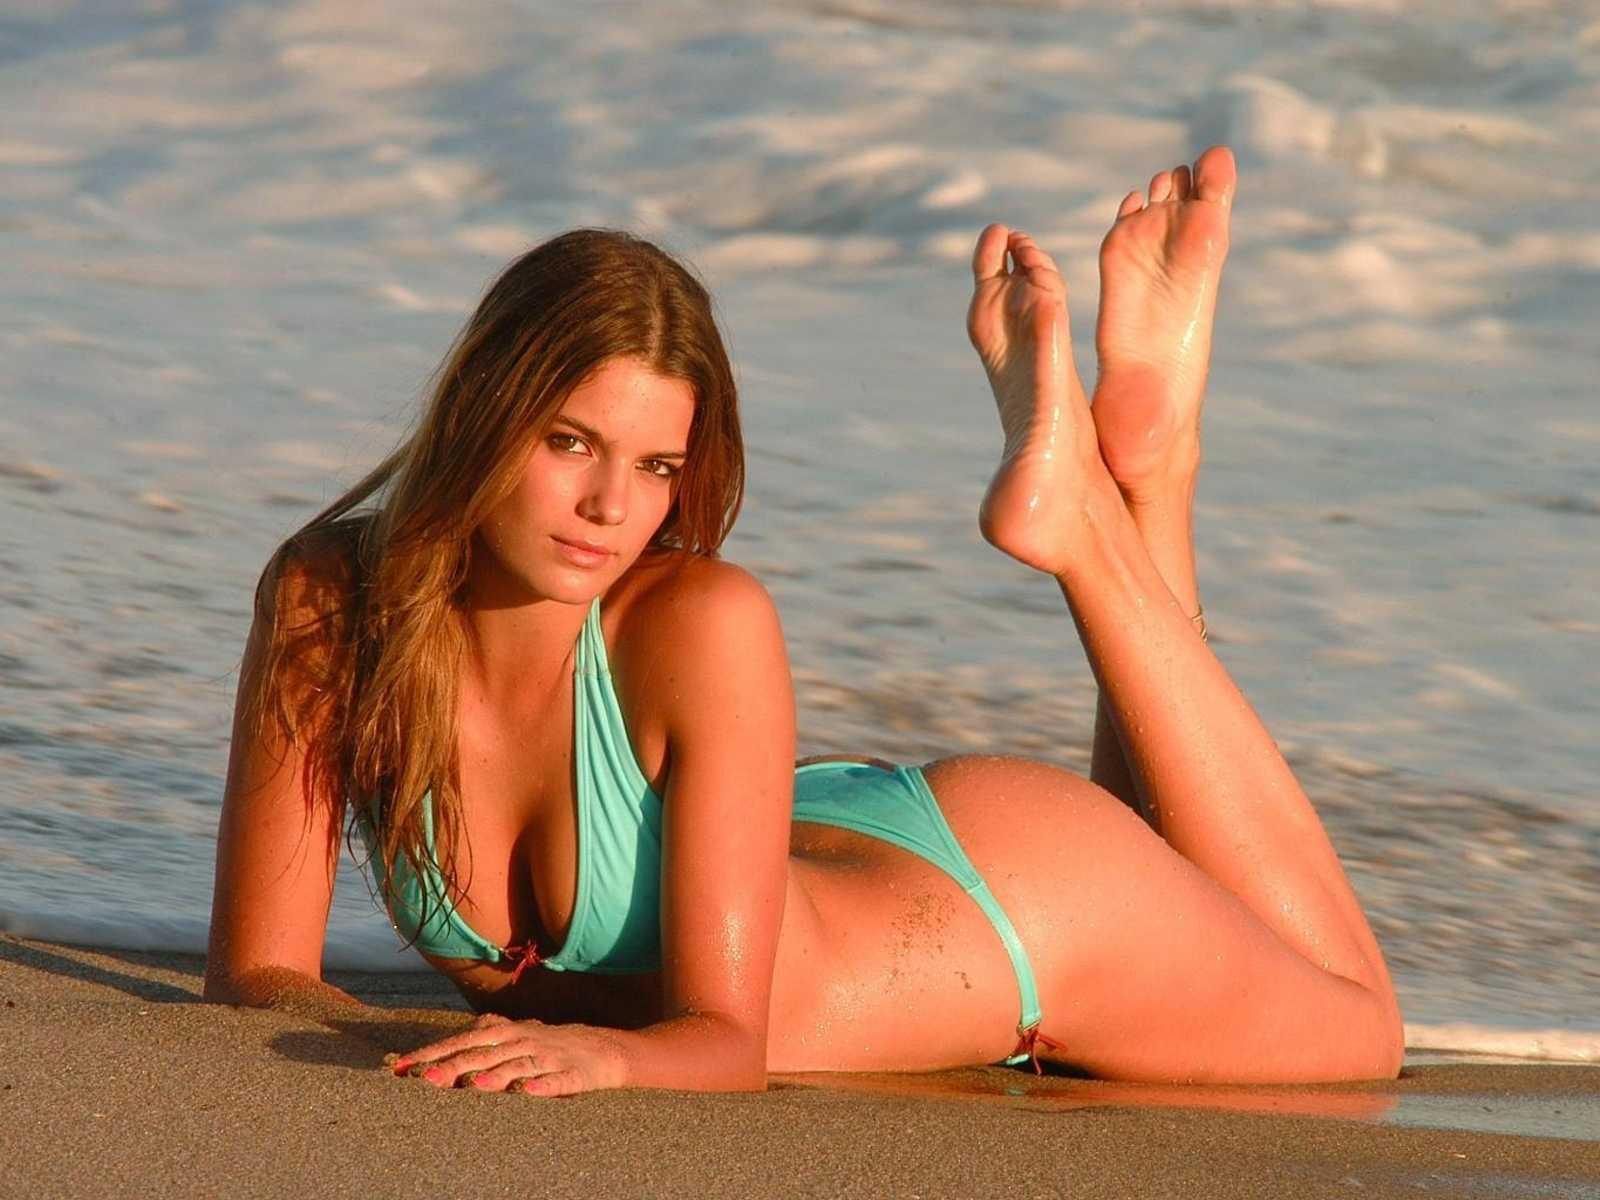 Dani behr bikini latifah porno venezuela